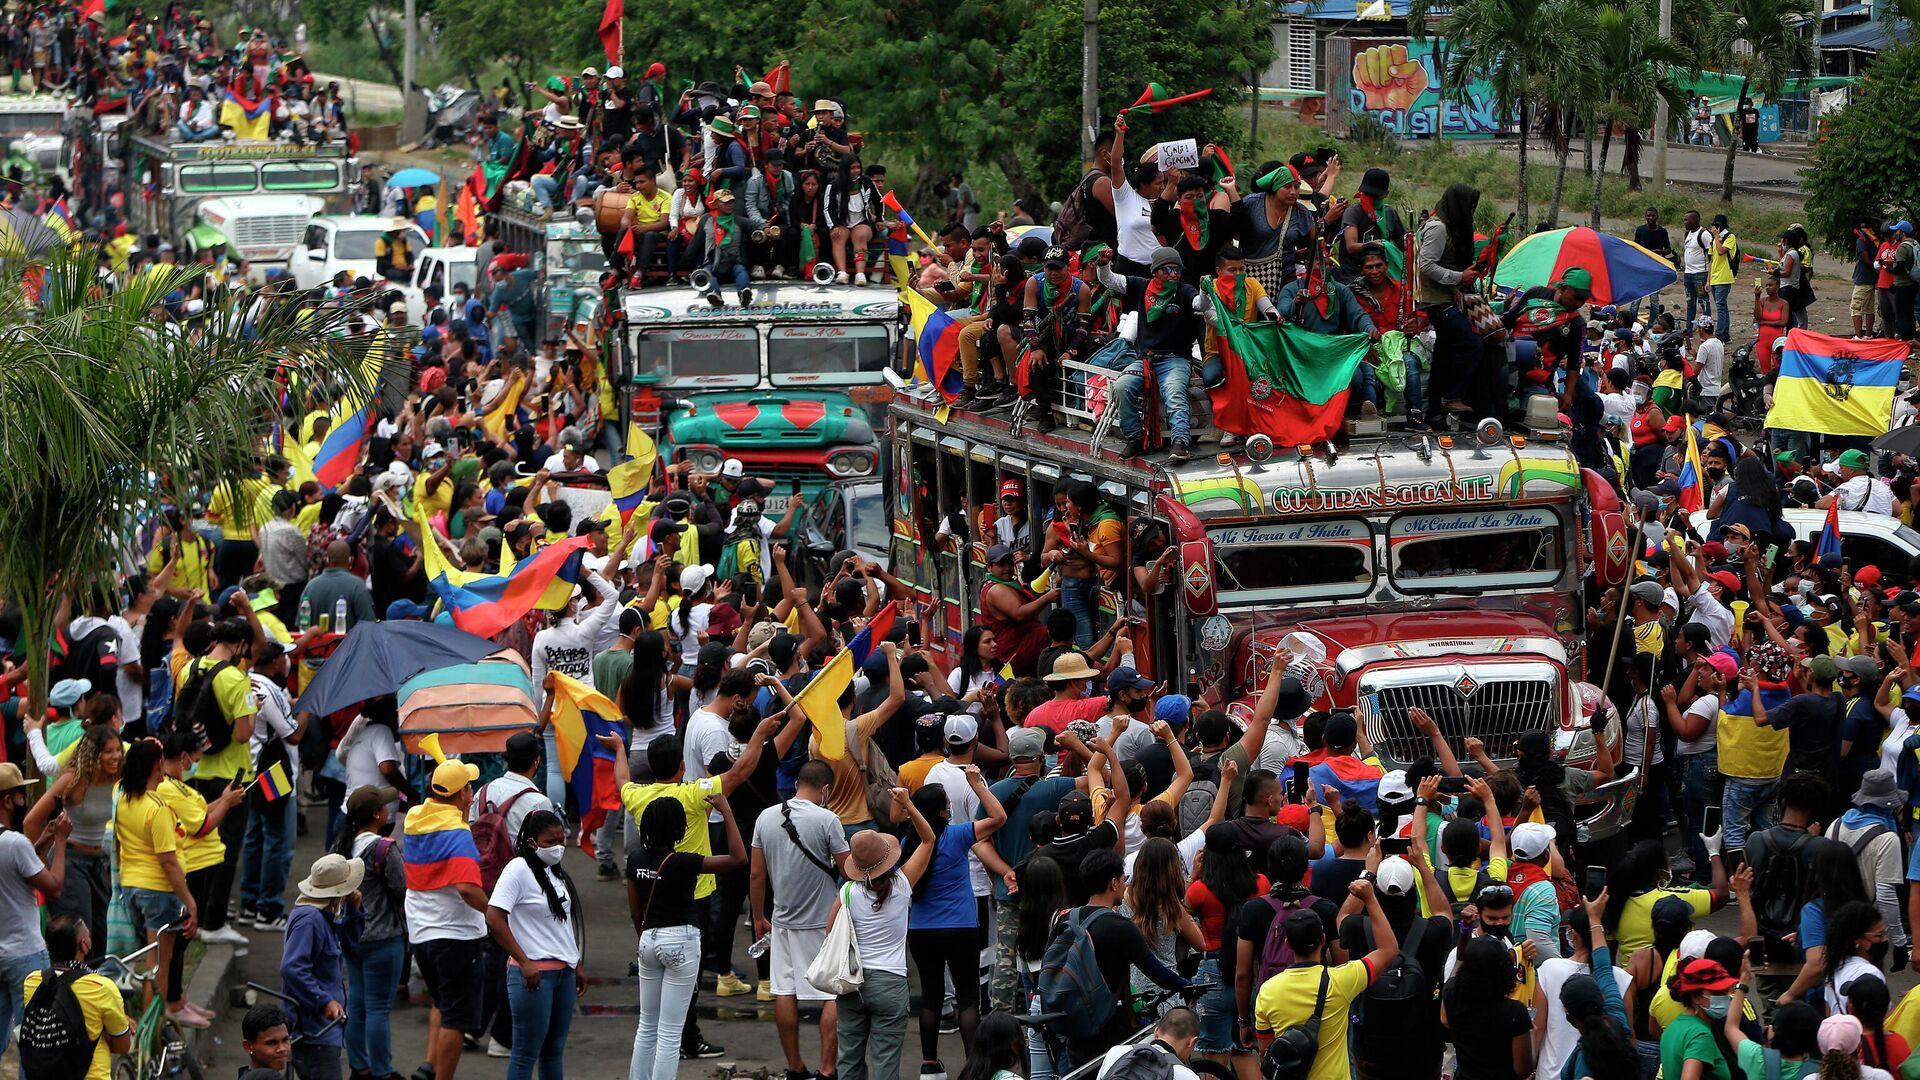 Manifestantes indígenas asisten a una marcha antigubernamental en Cali, Colombia, el miércoles 12 de mayo de 2021 - Sputnik Mundo, 1920, 14.08.2021